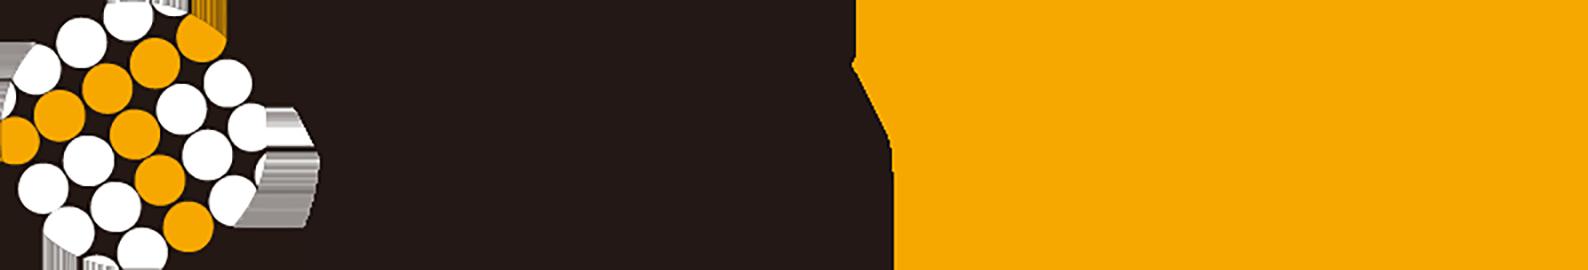 Tech Racho